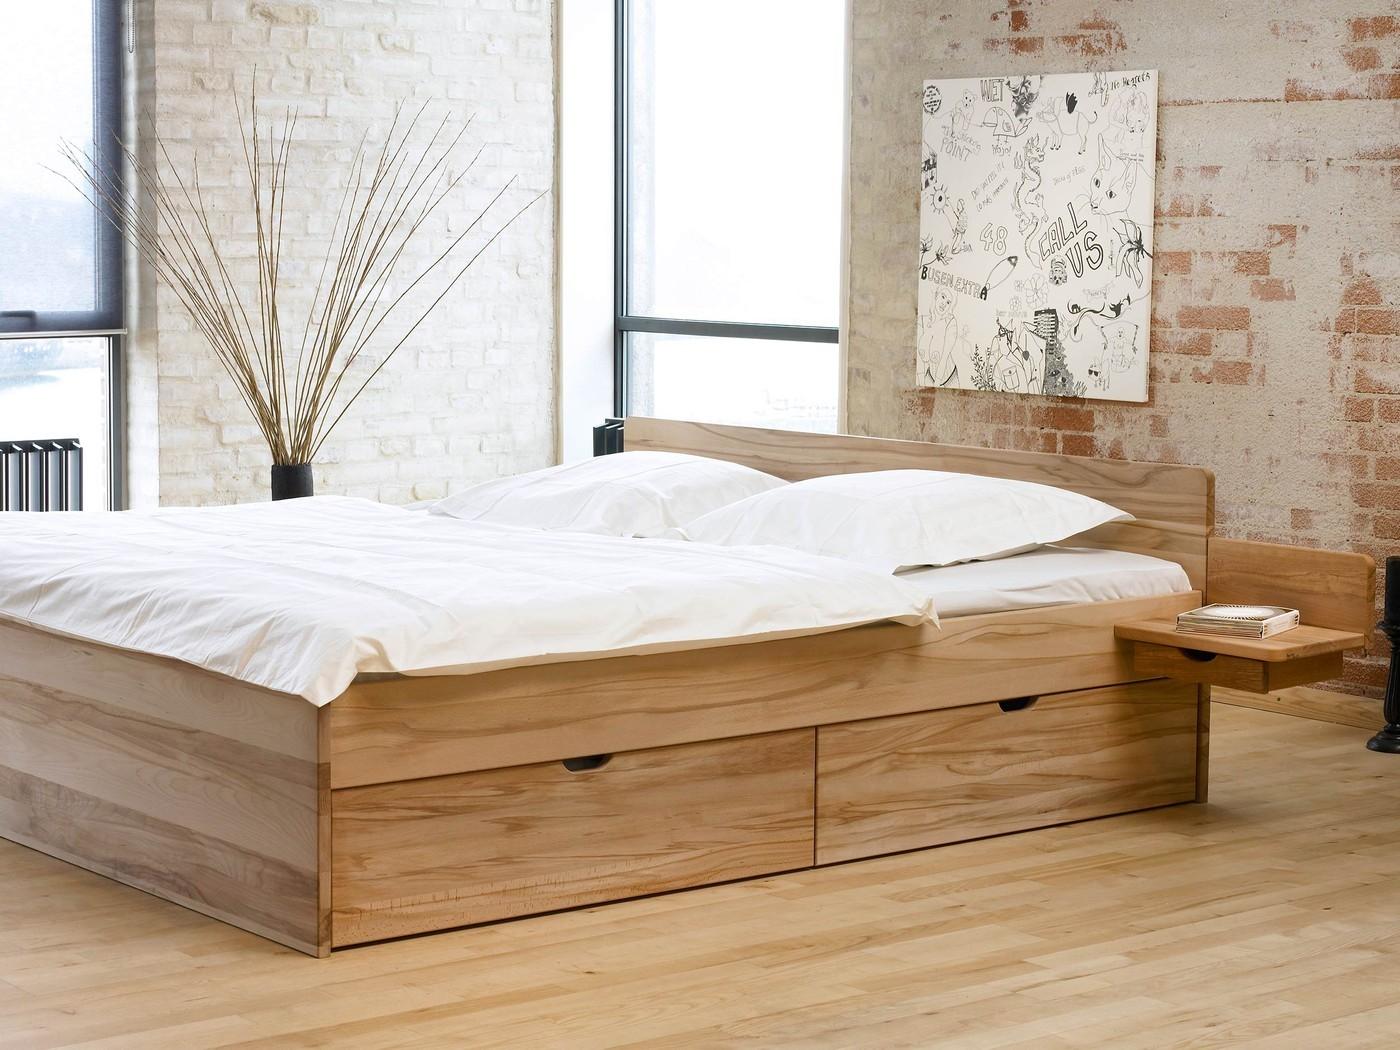 Oppbevaring seng